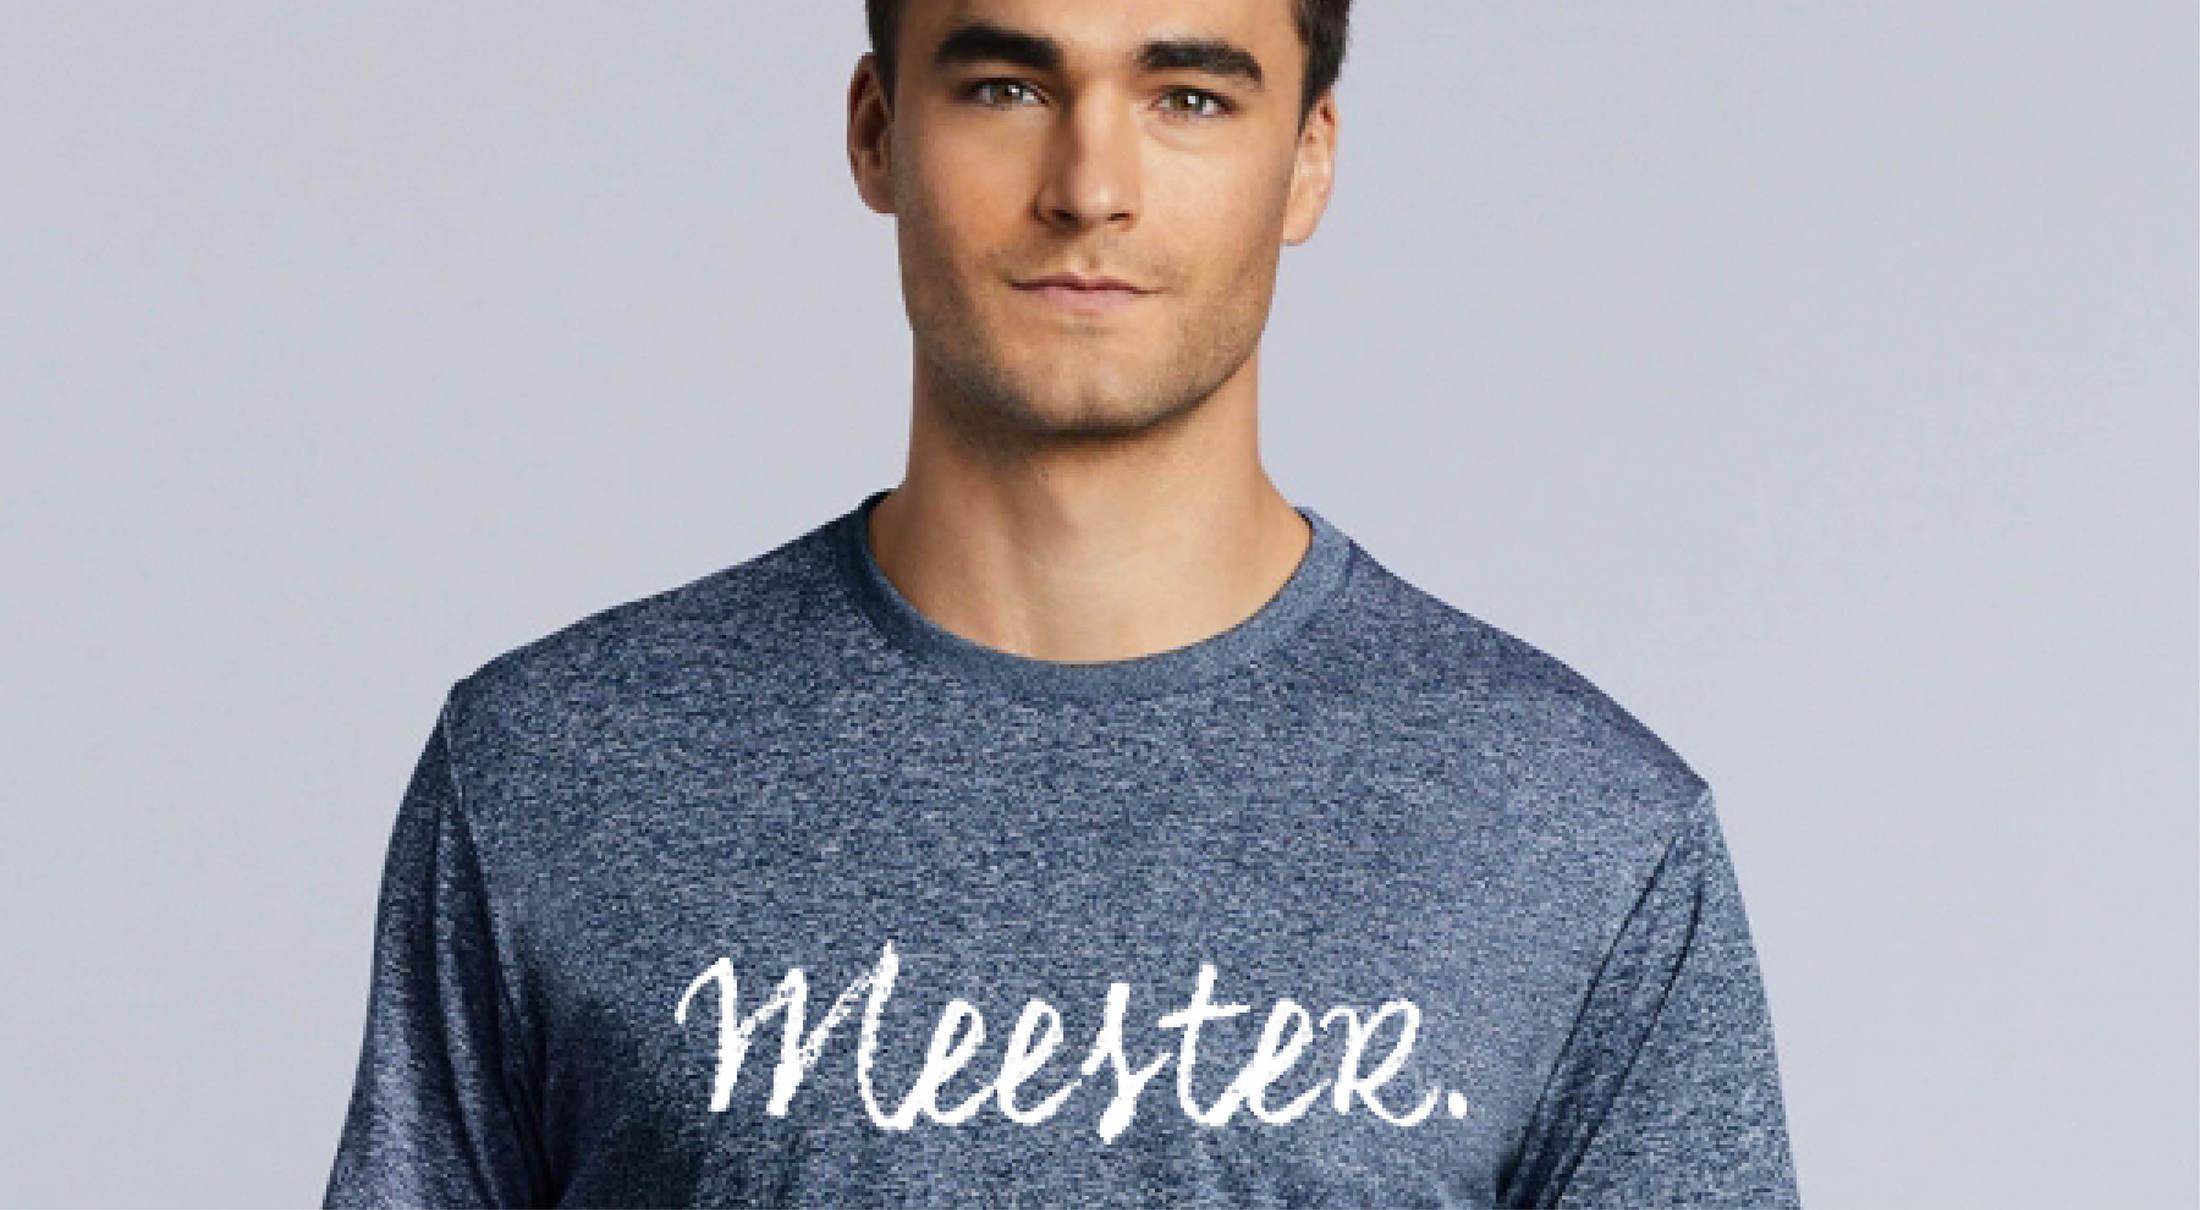 MEESTER. Sportshirts